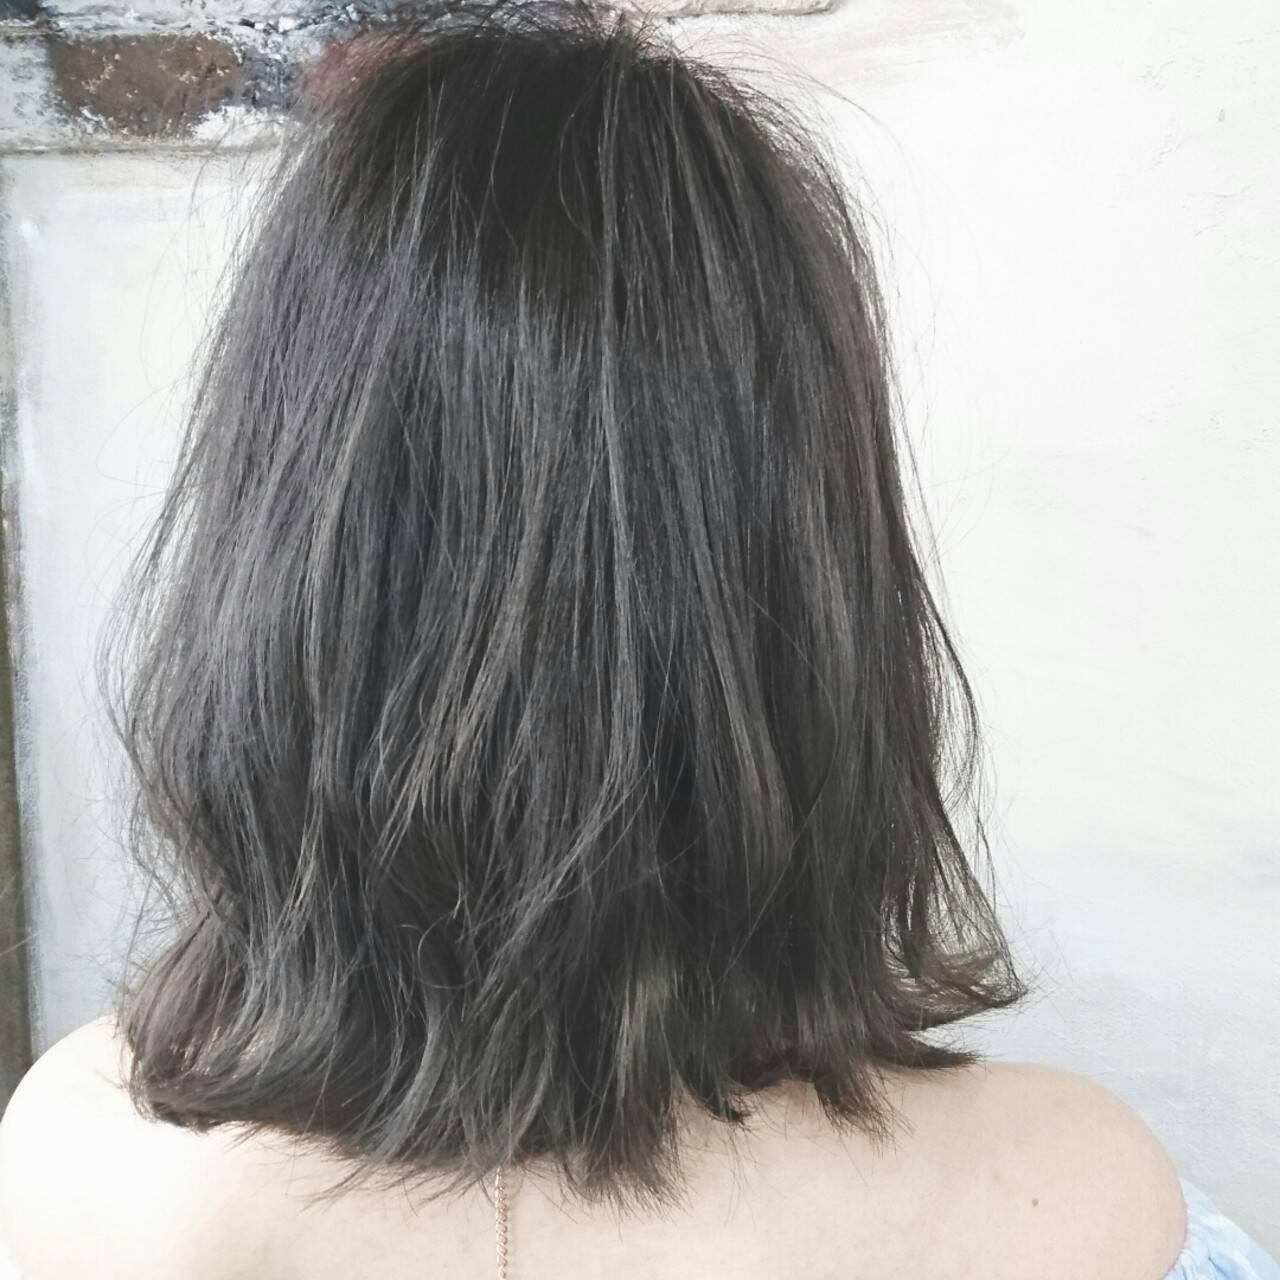 ナチュラル アッシュグレー ボブ グレージュヘアスタイルや髪型の写真・画像